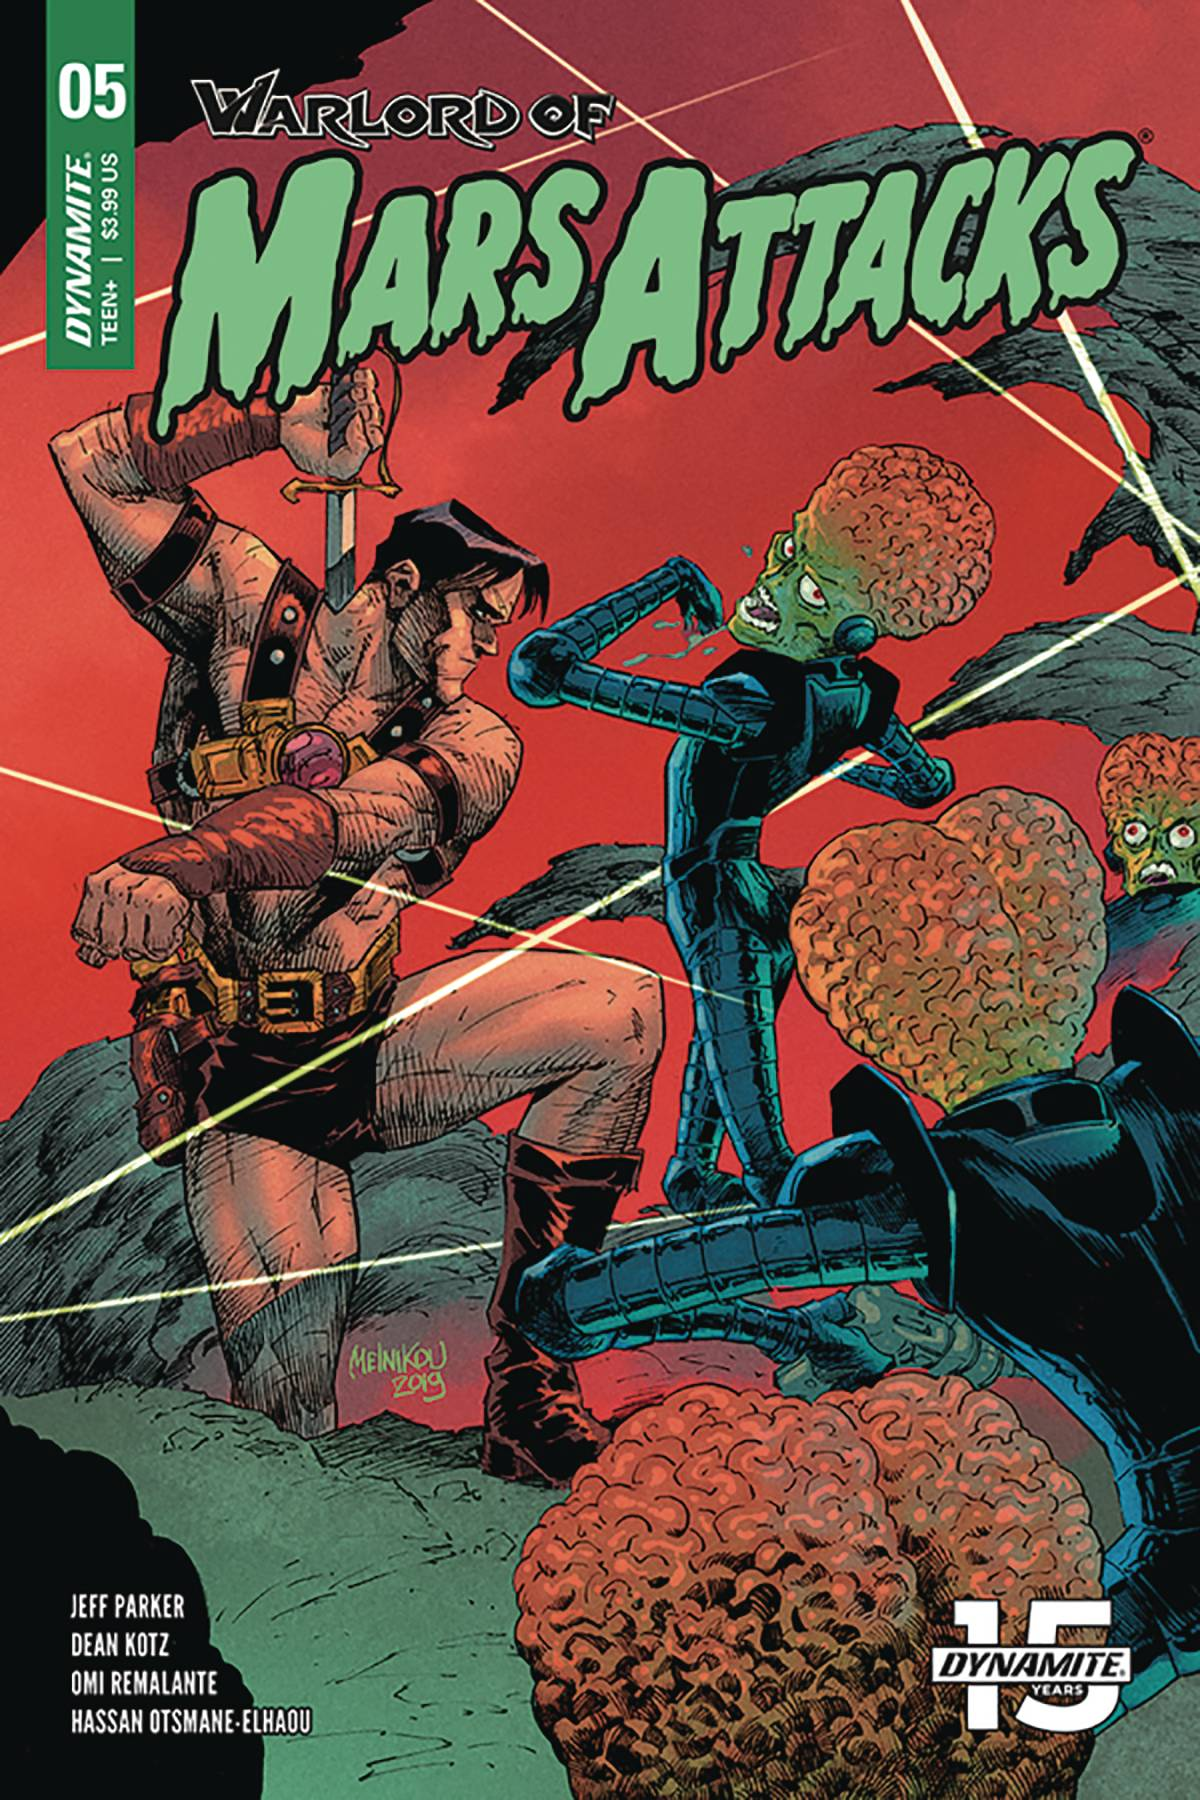 Warlord Of Mars Attacks #5 (2019)